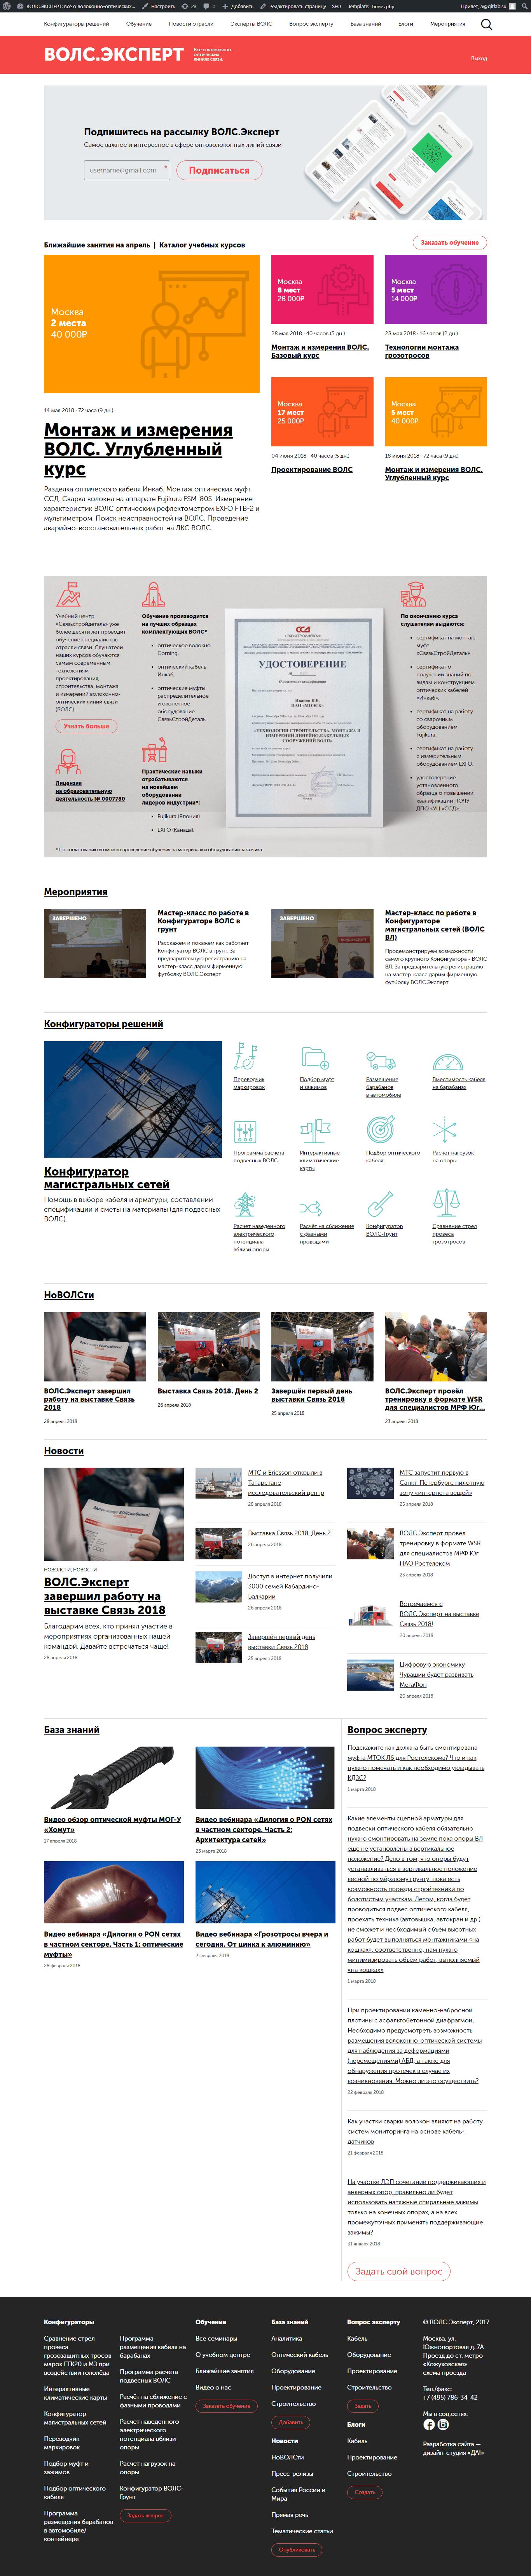 ВОЛС ЭКСПЕРТ - скриншот